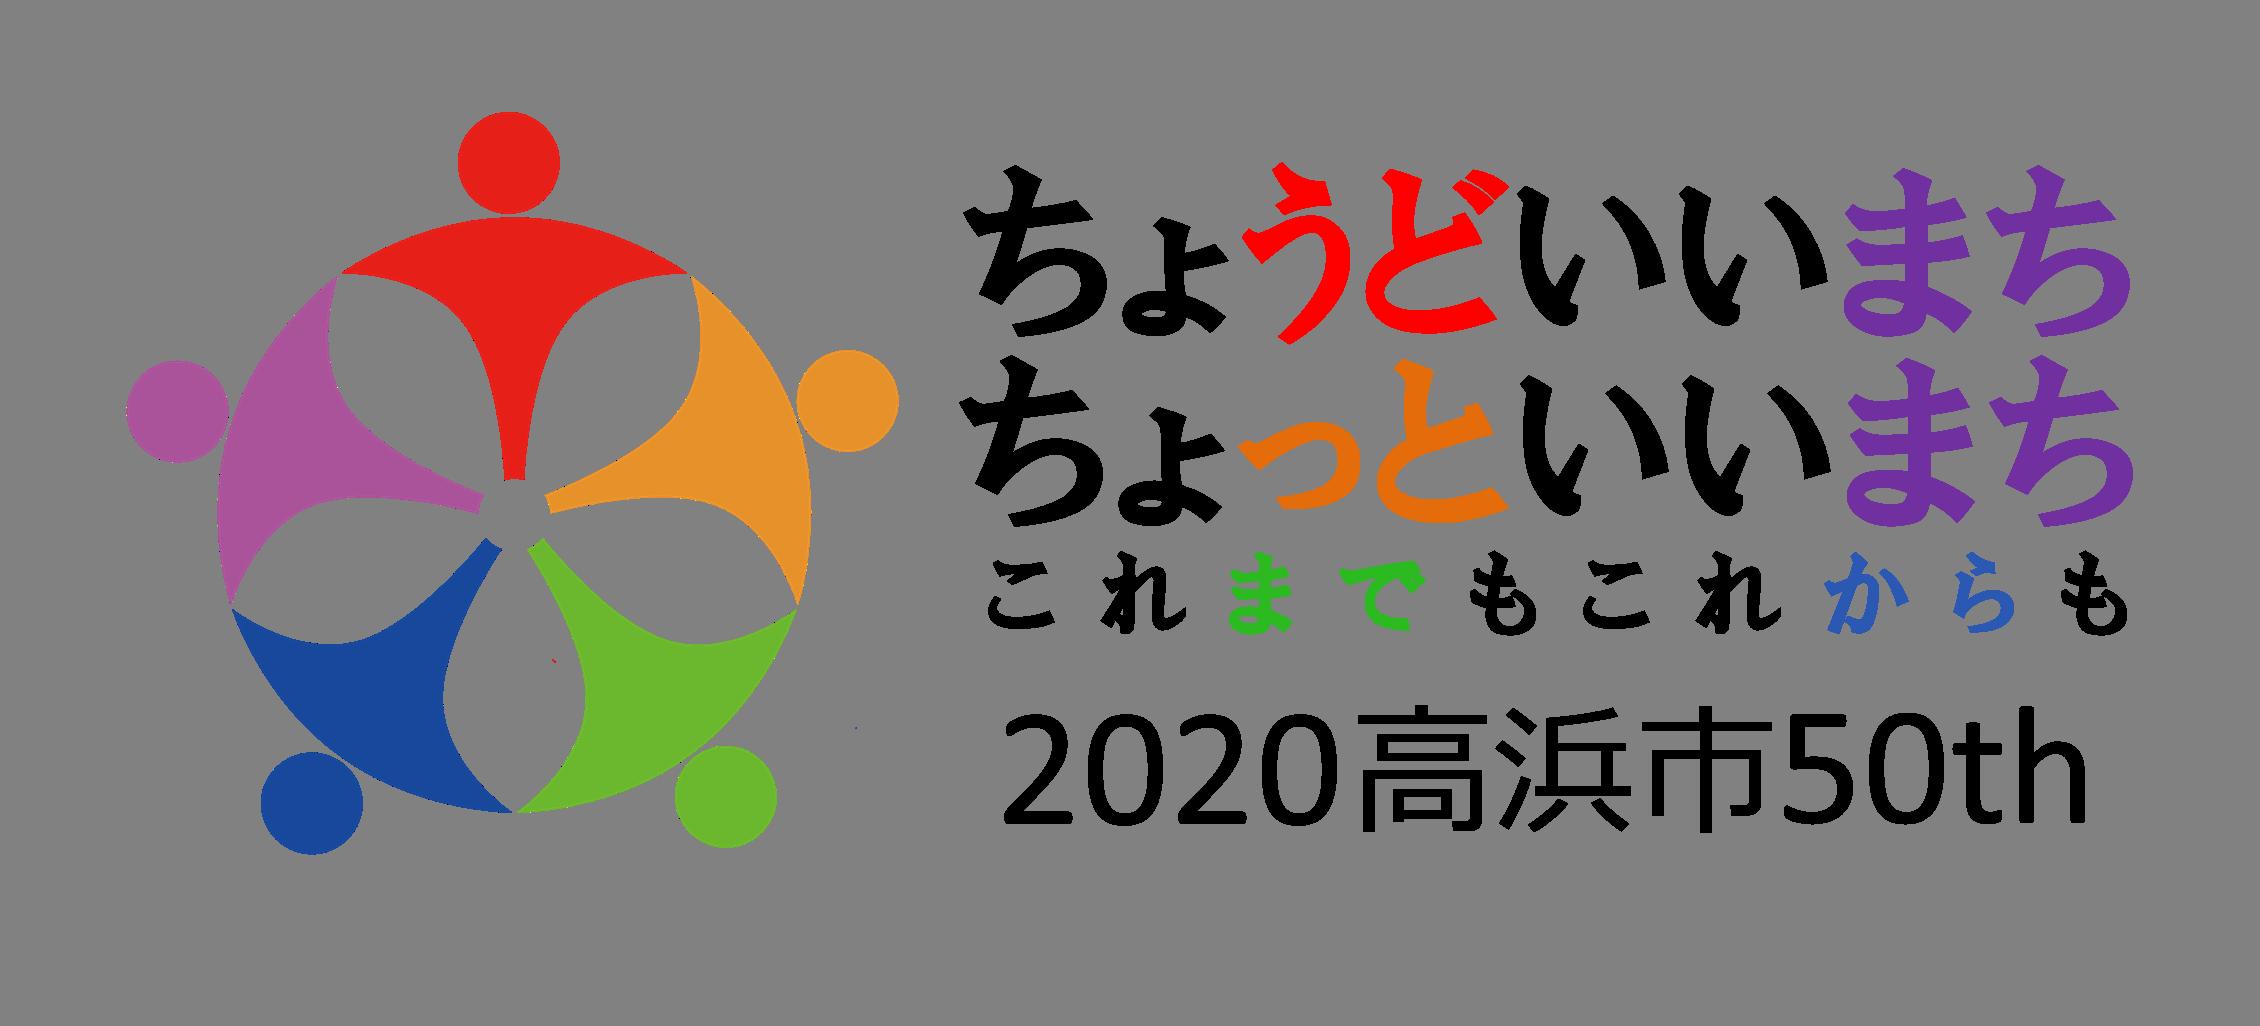 高浜 市 ホームページ